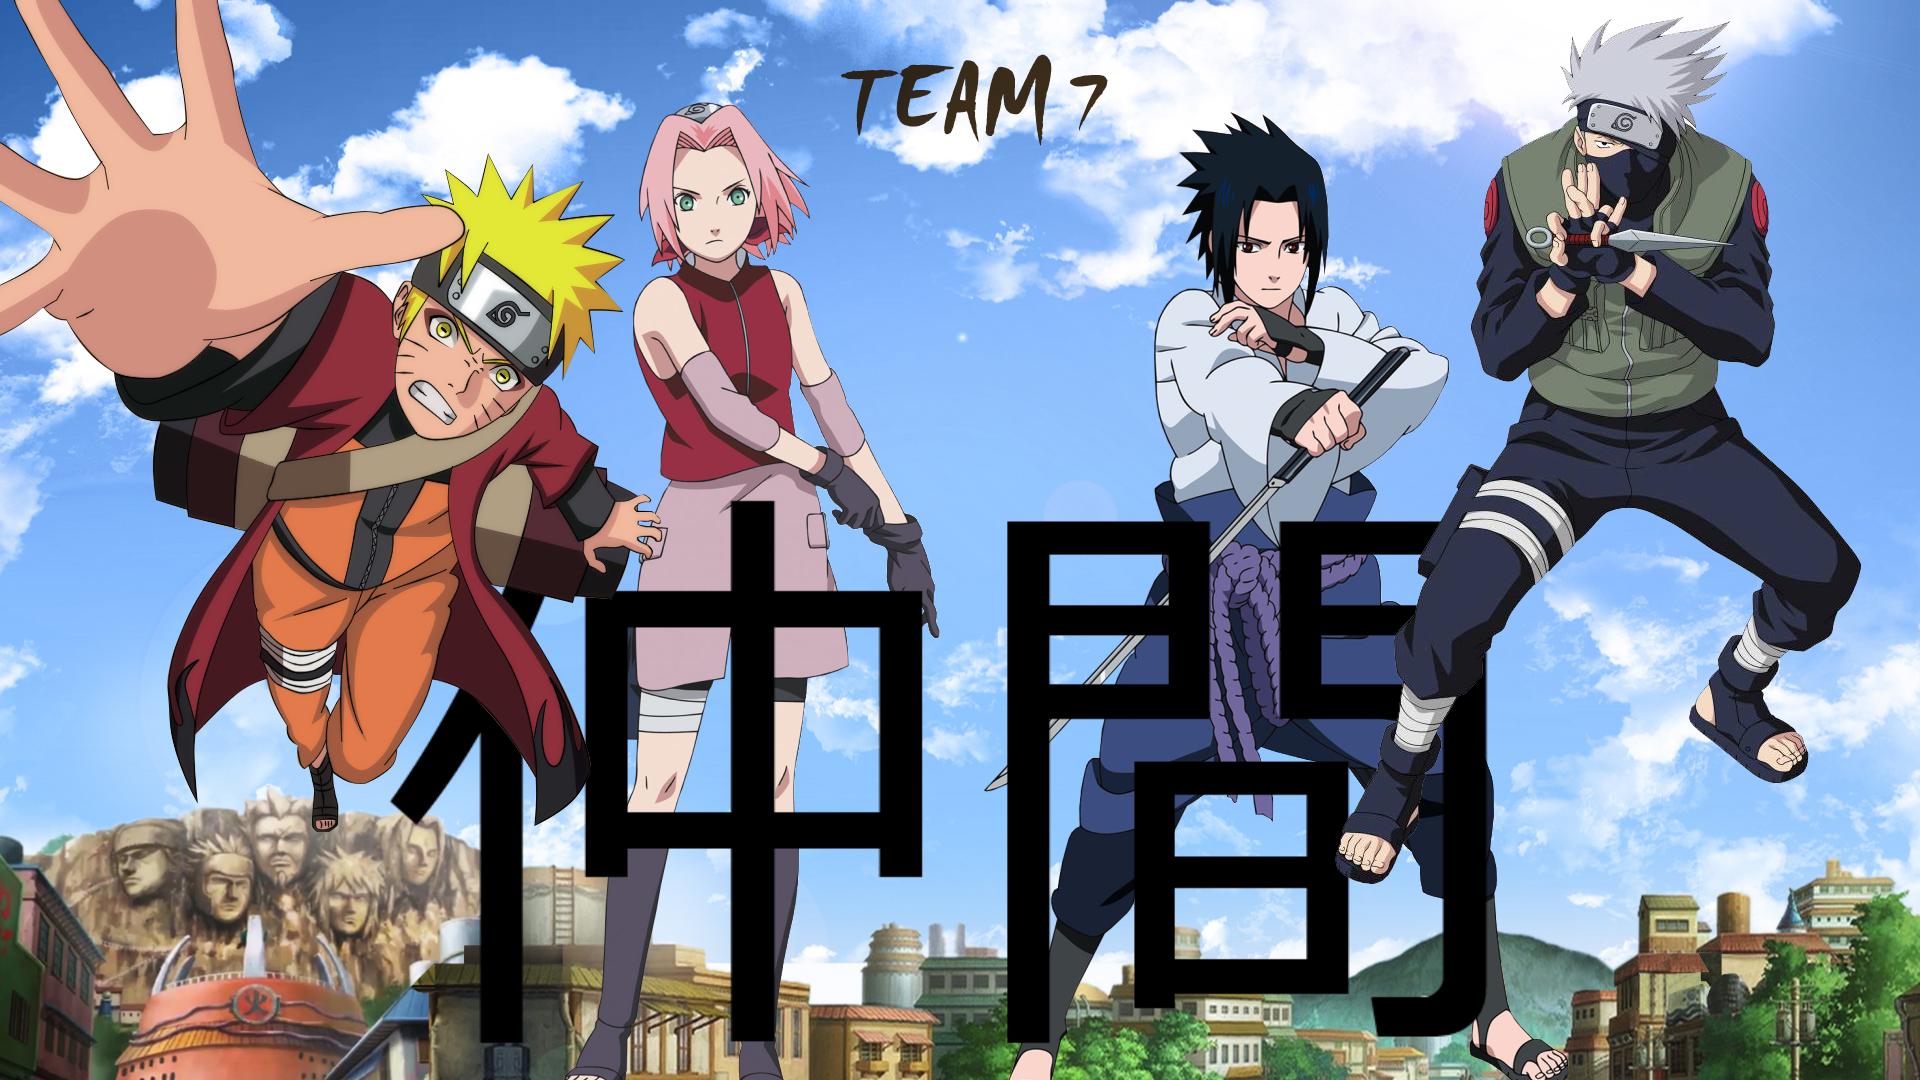 Naruto Team 7 Wallpaper Hd Di 2020